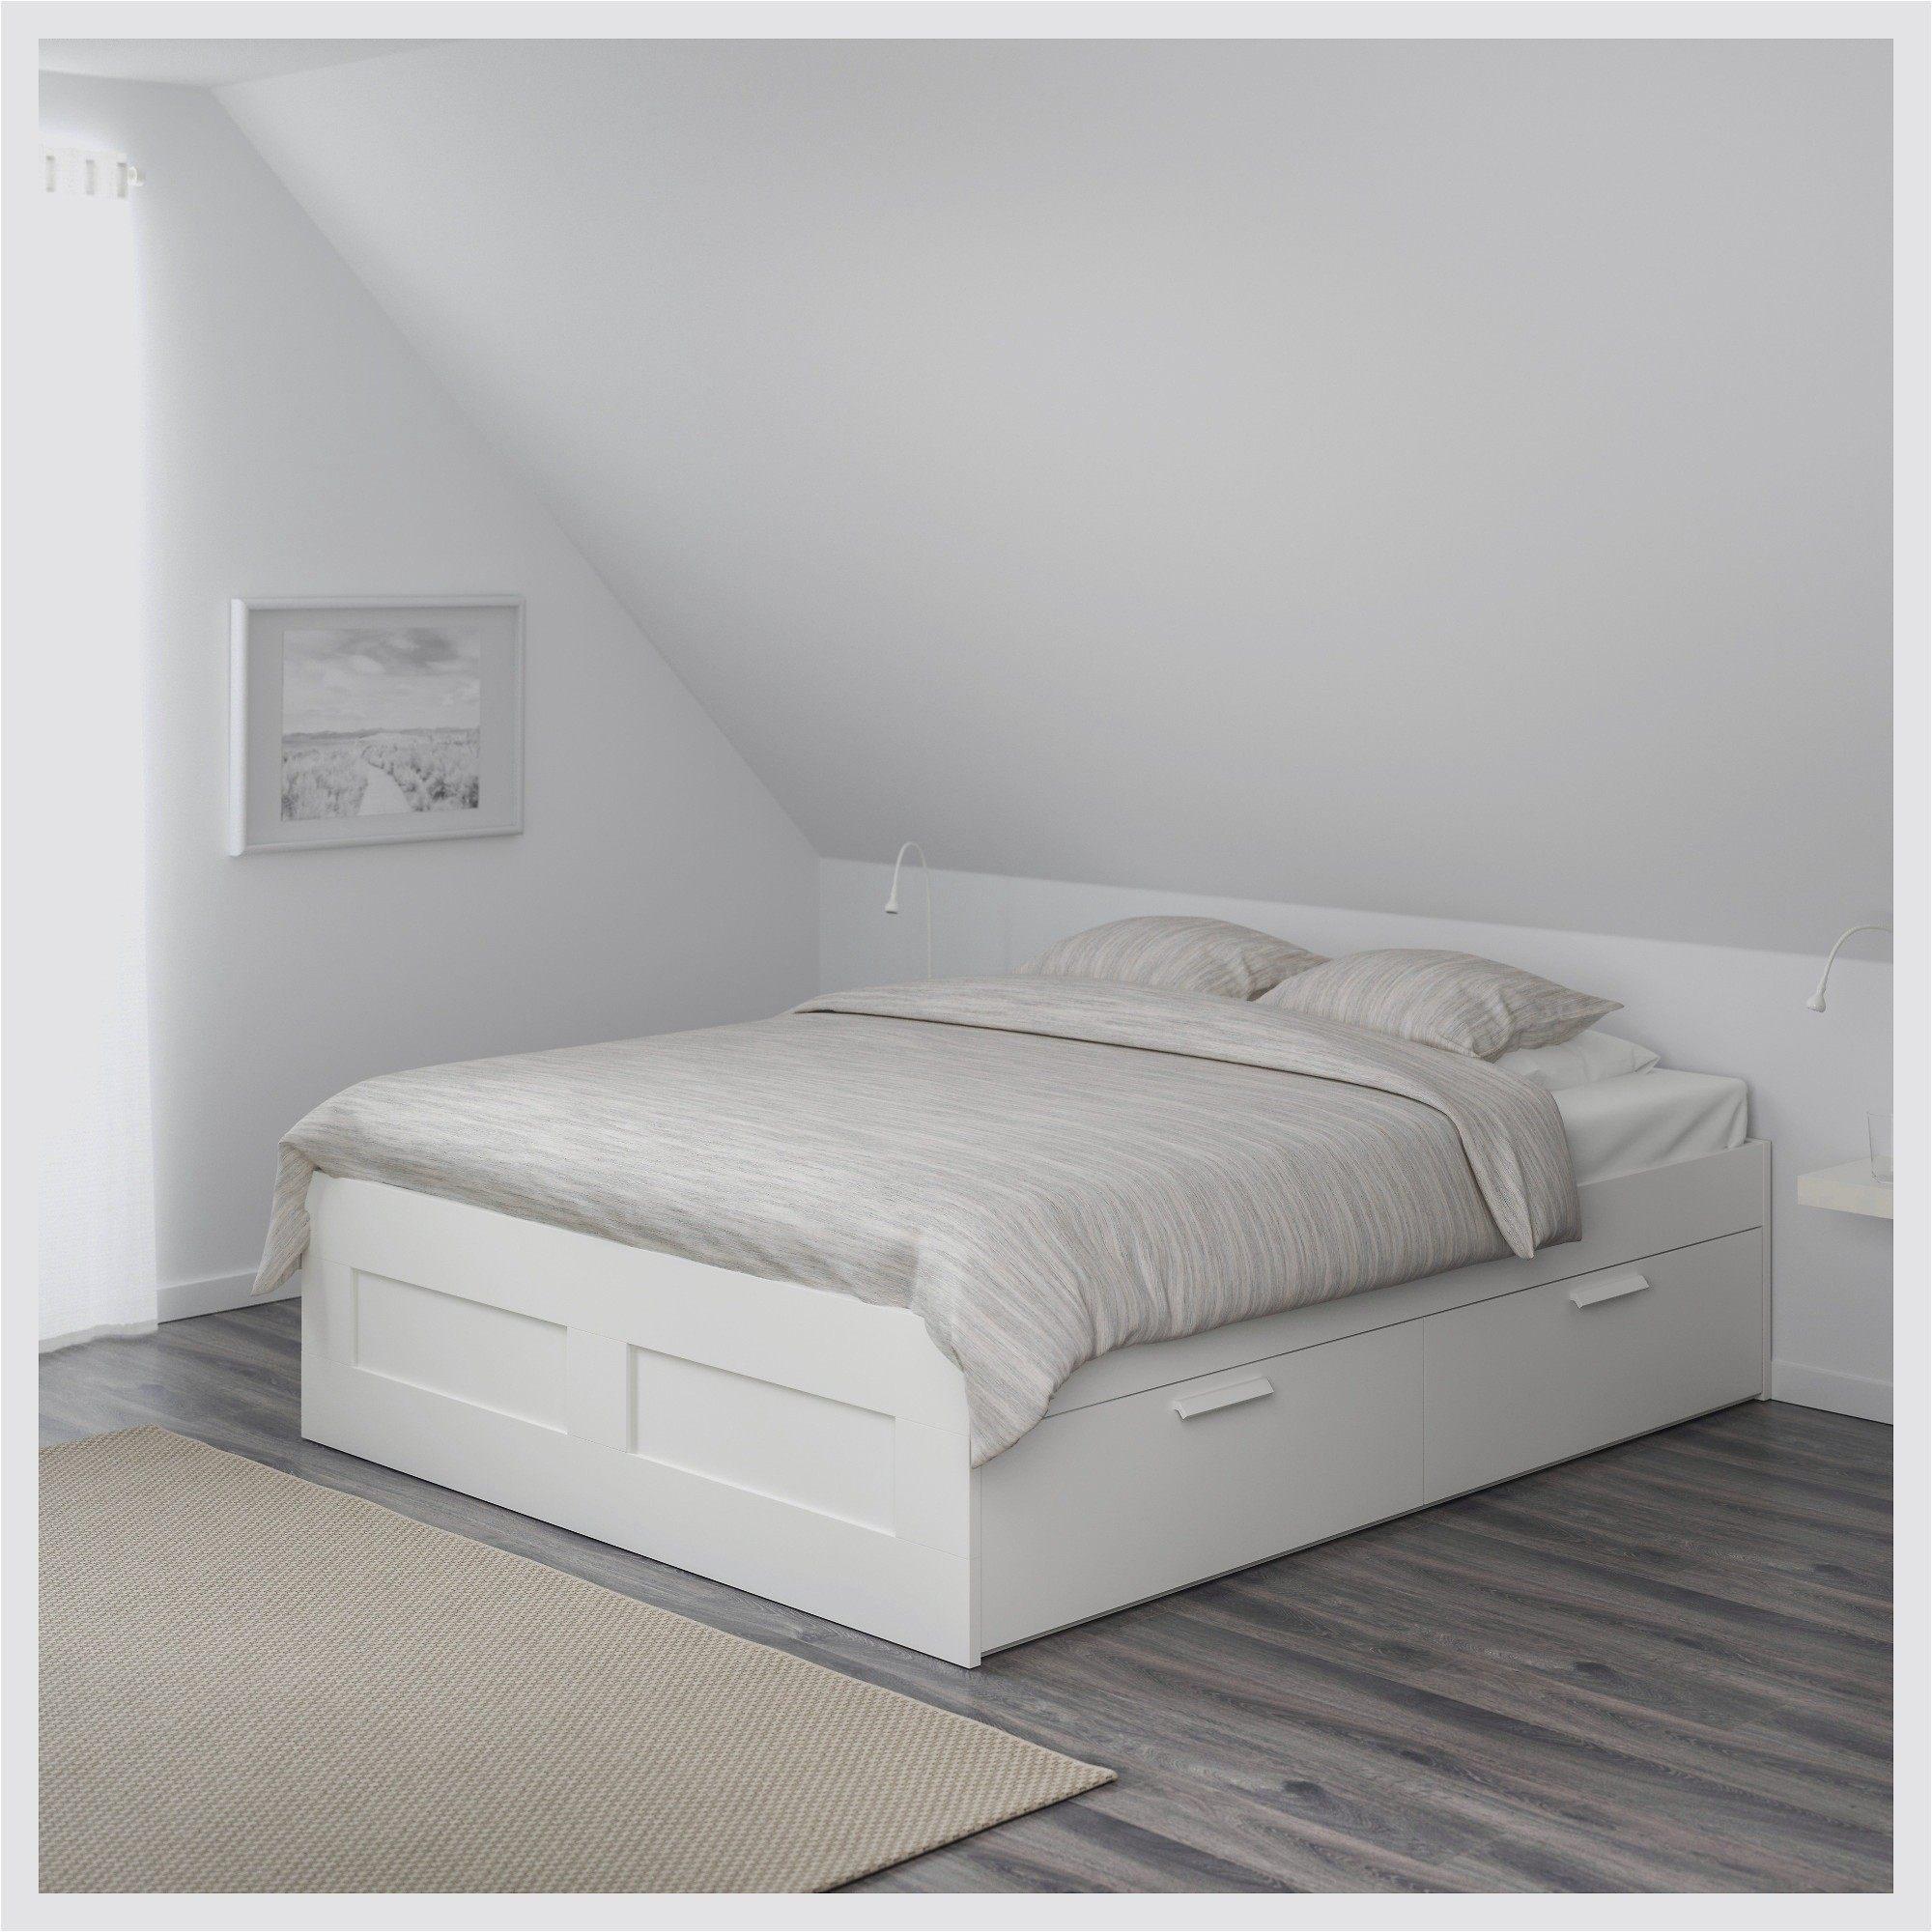 Tete De Lit Avec Rangement Ikea Luxe Armoire Tete De Lit Fresh Tete De Lit Rangement Ikea Frais Armoire